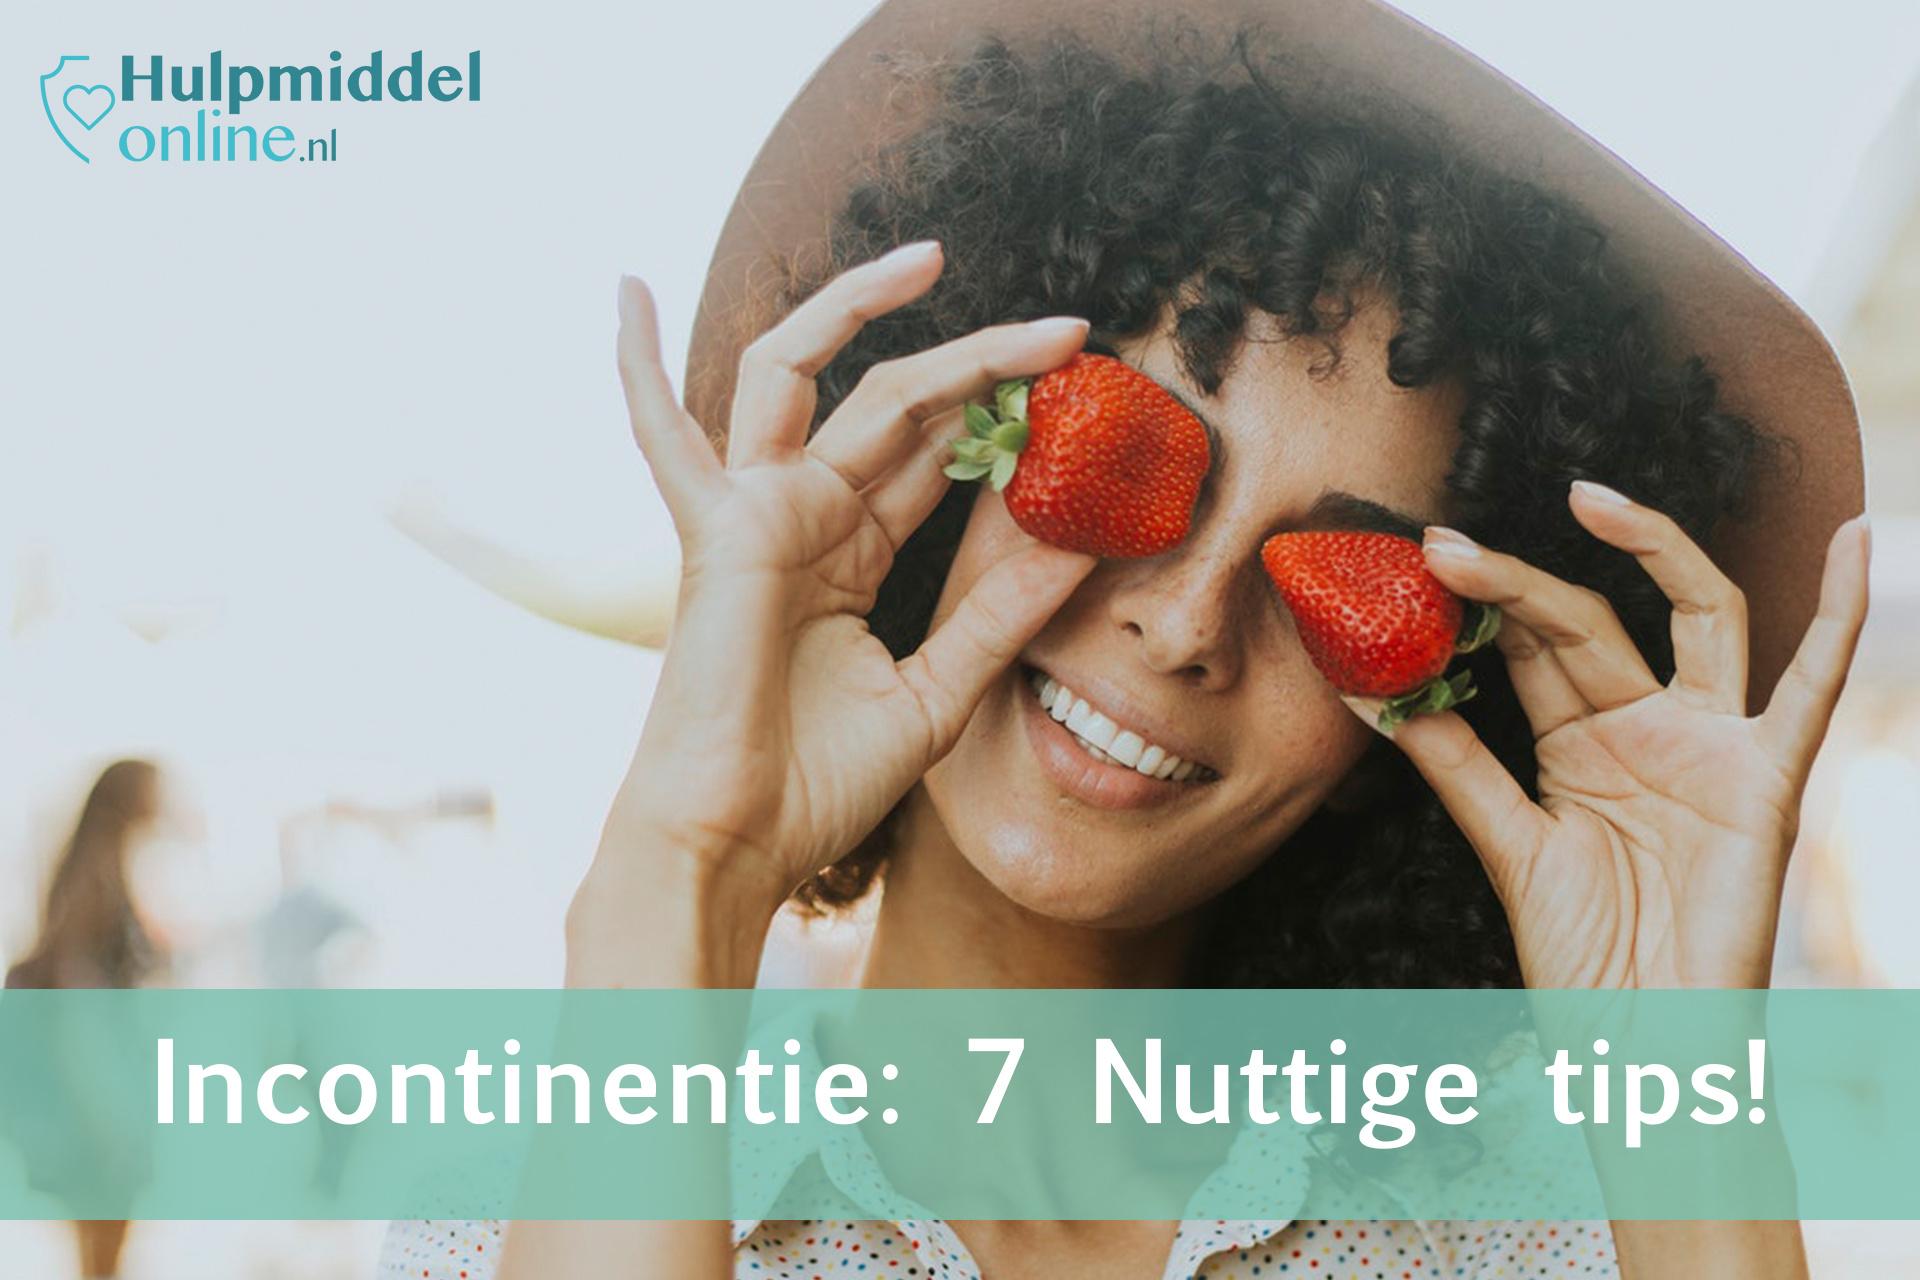 Incontinentie; 7 nuttige tips!